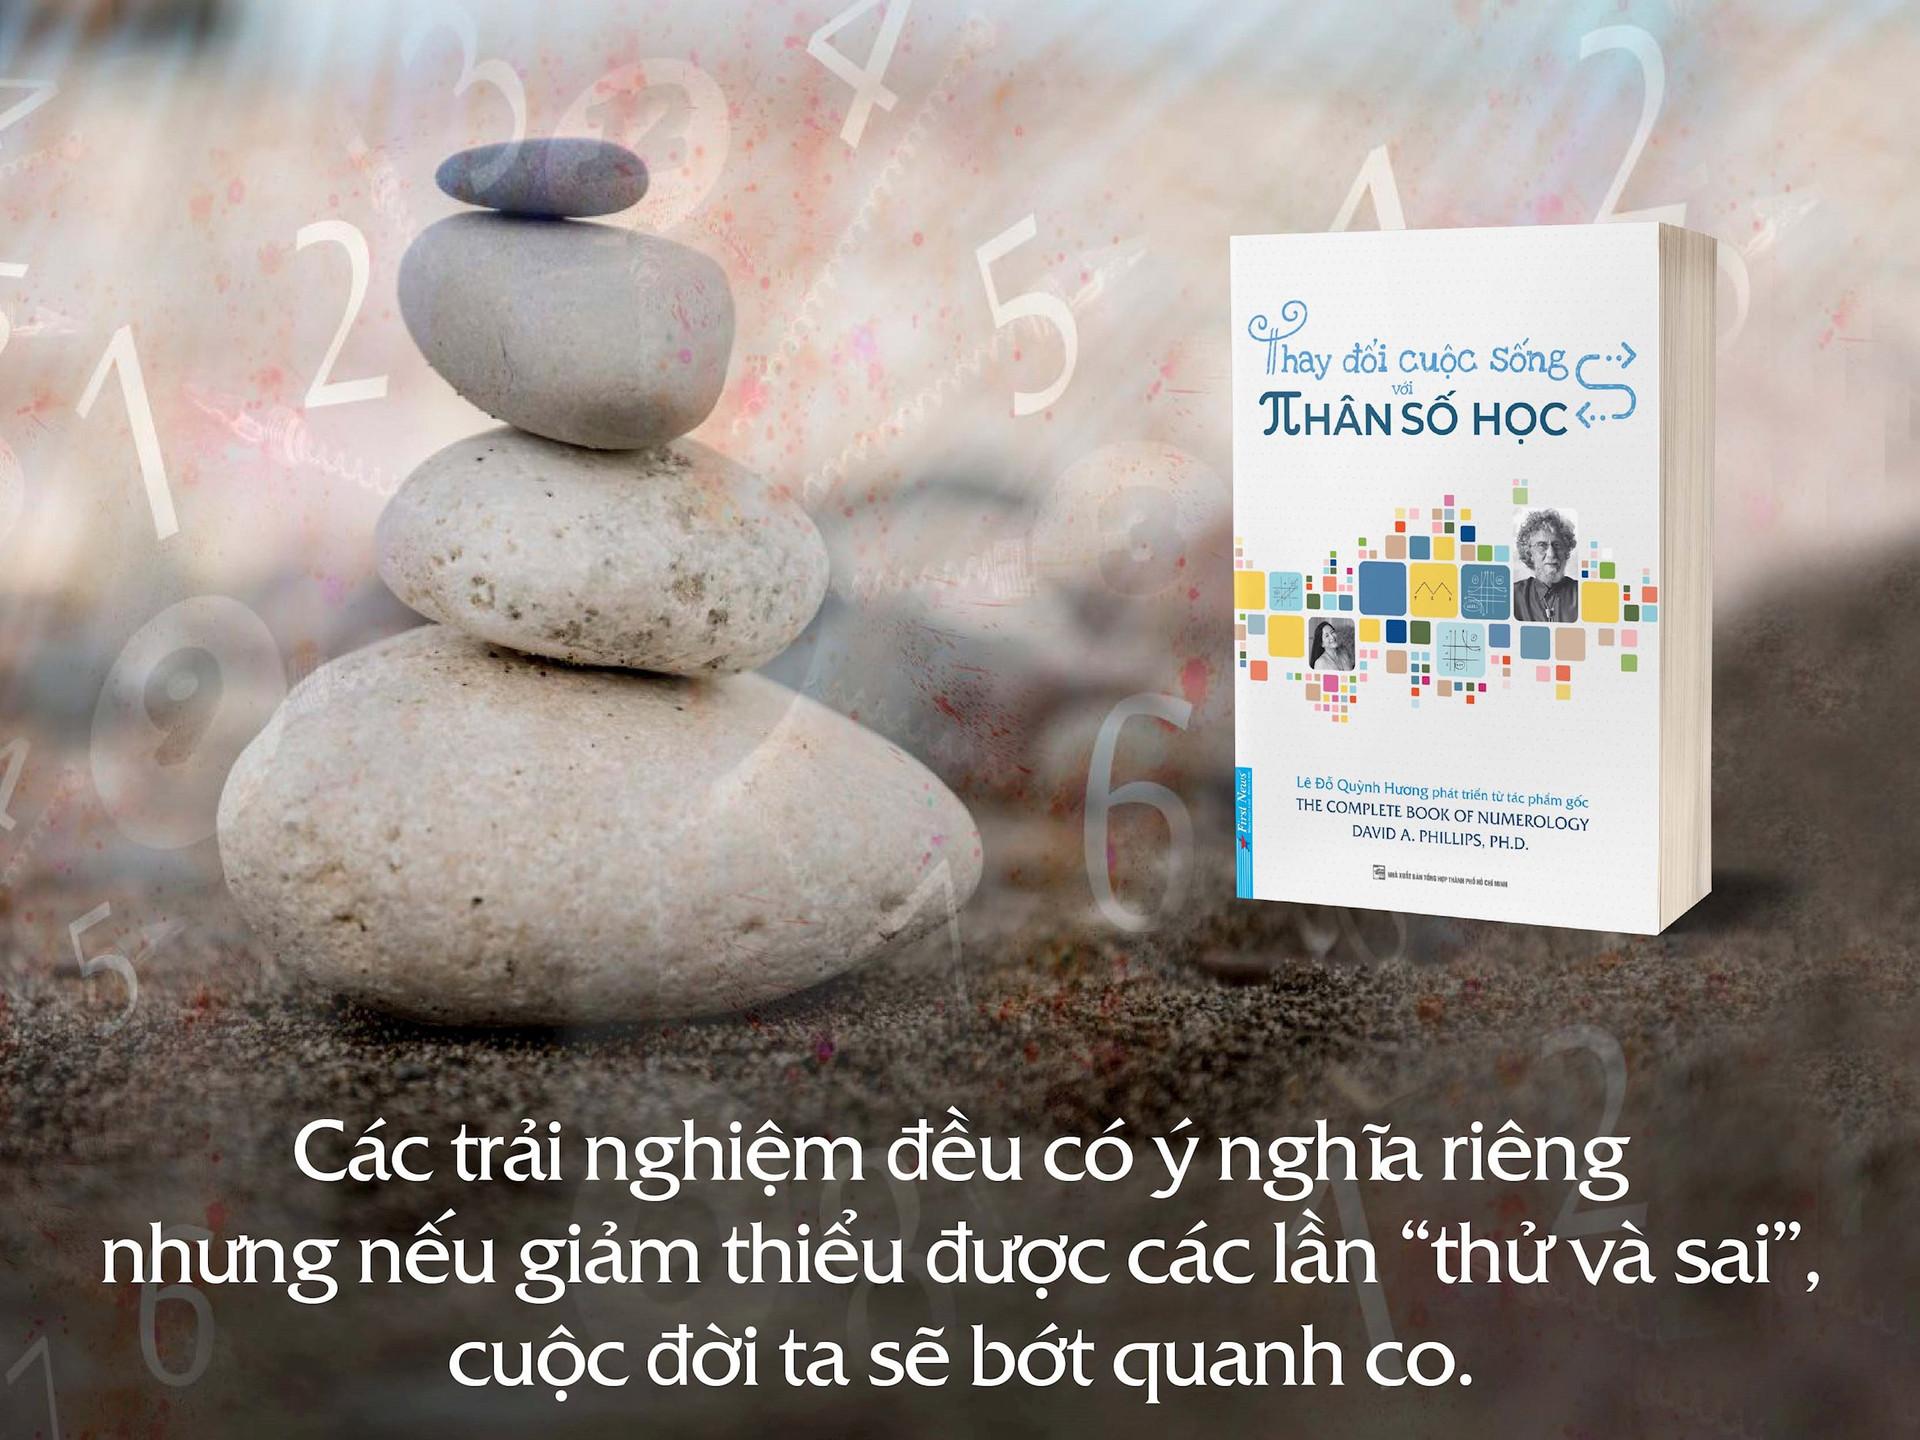 nhansohoc-quote-03(1).jpg